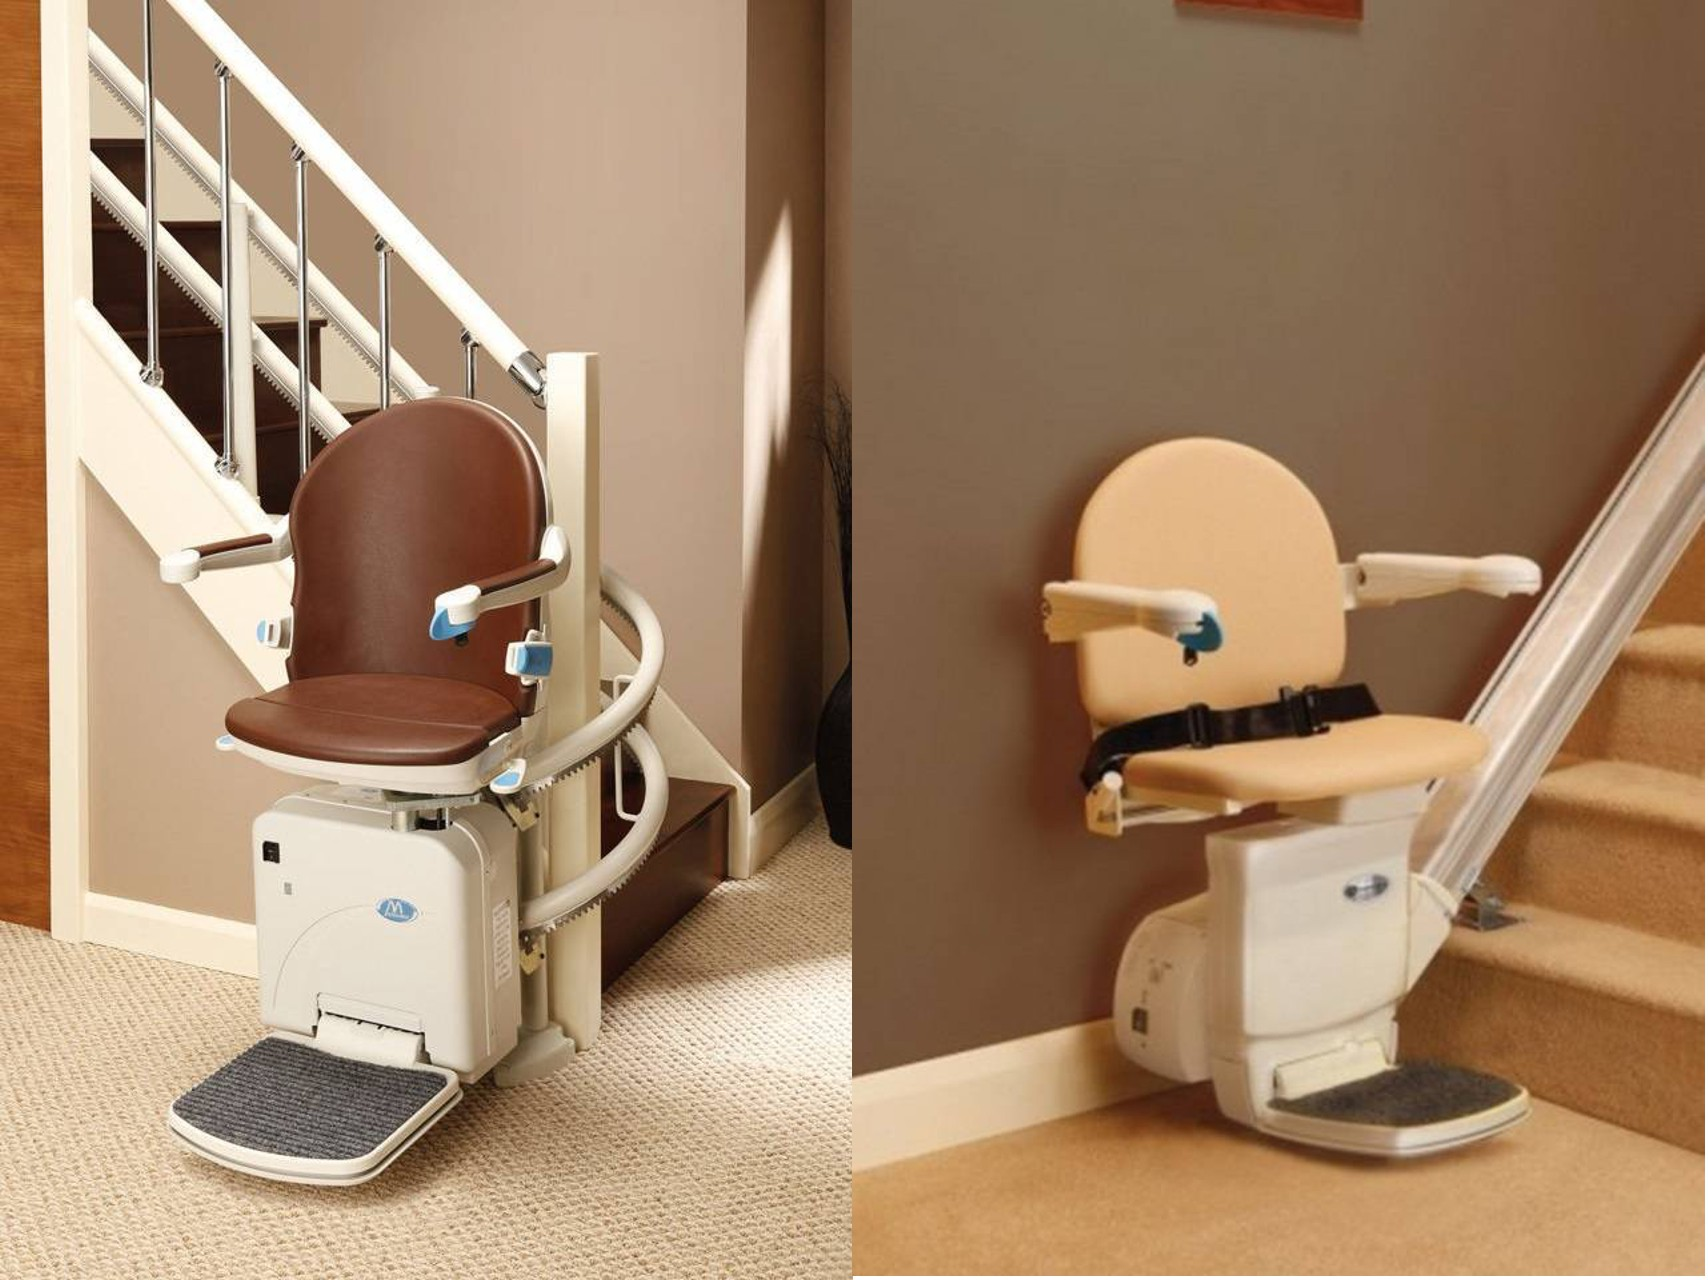 immagine di 2 modelli di montascale per disabili e anziani